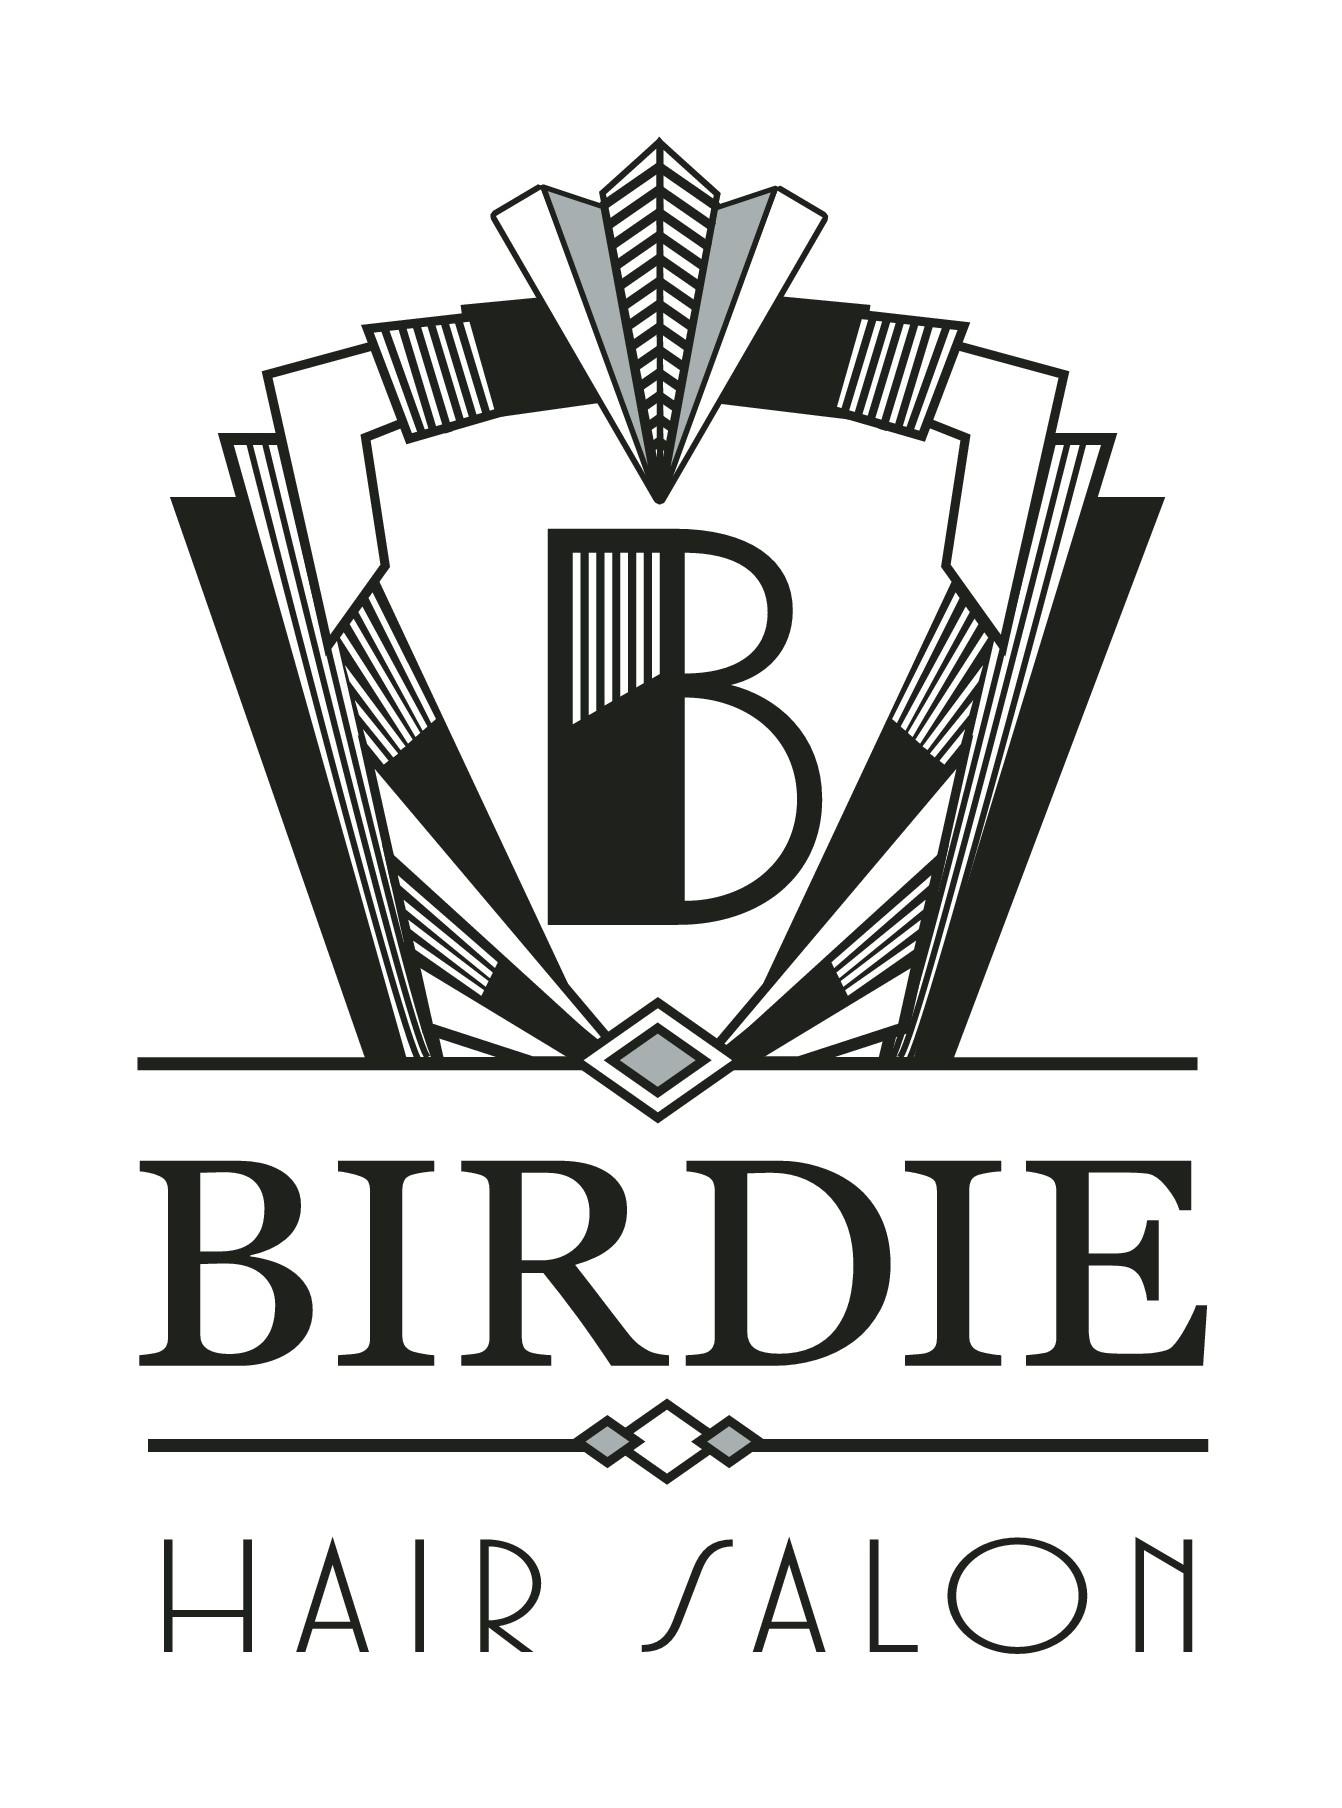 Create a funky, art deco look logo for a highly creative hair salon